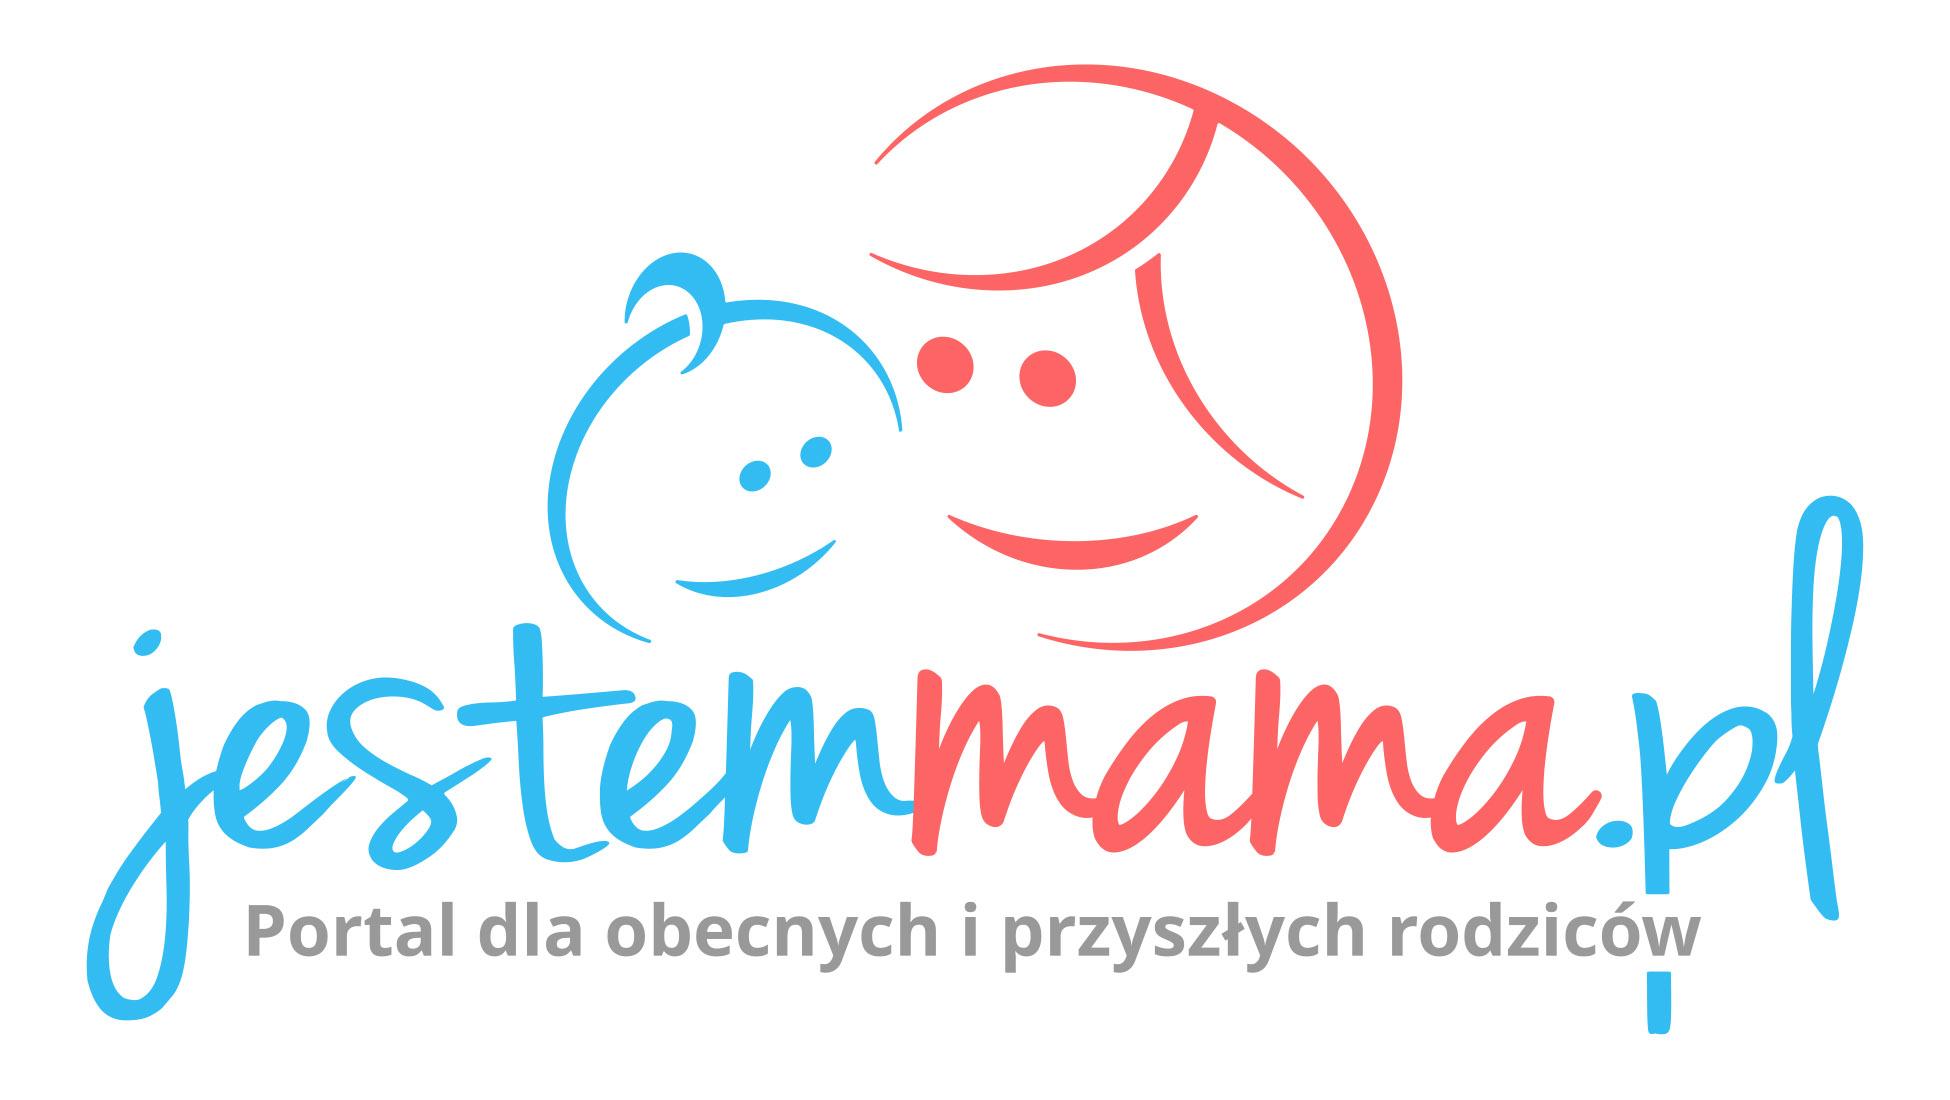 Blog o ciąży - Jestemmama.pl